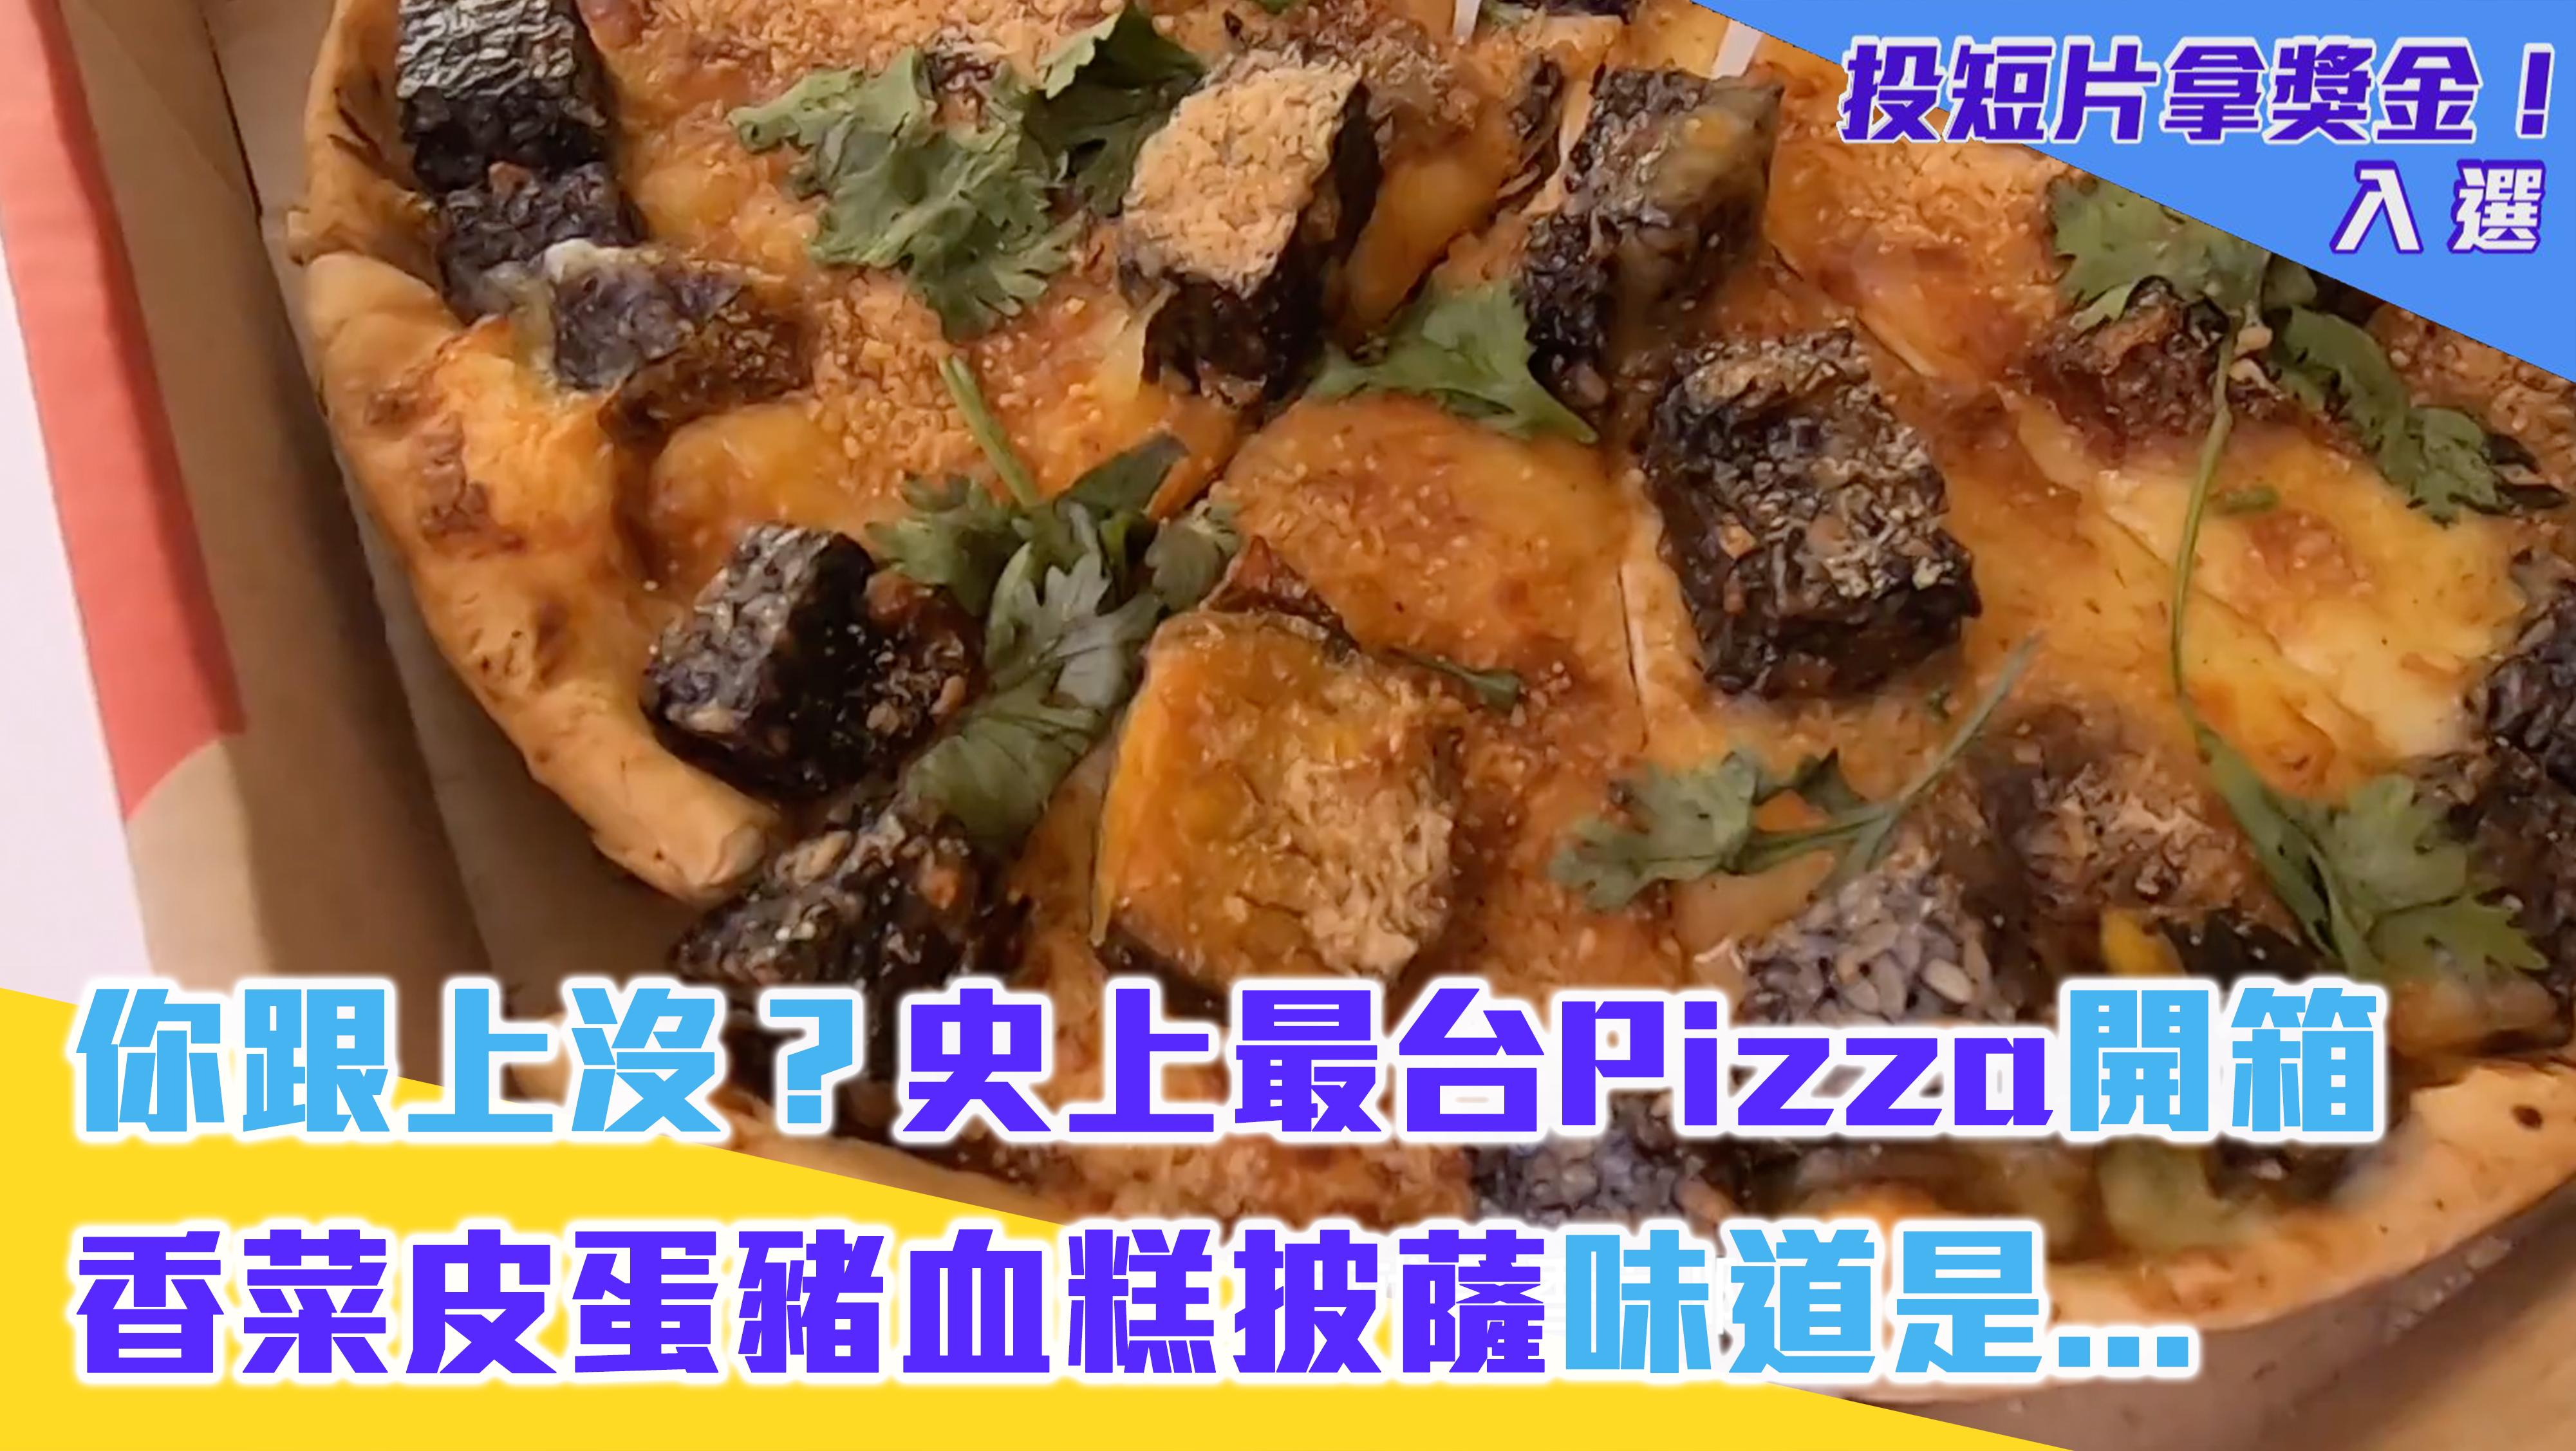 你跟上沒?史上最台Pizza開箱 香菜皮蛋豬血糕披薩味道是...